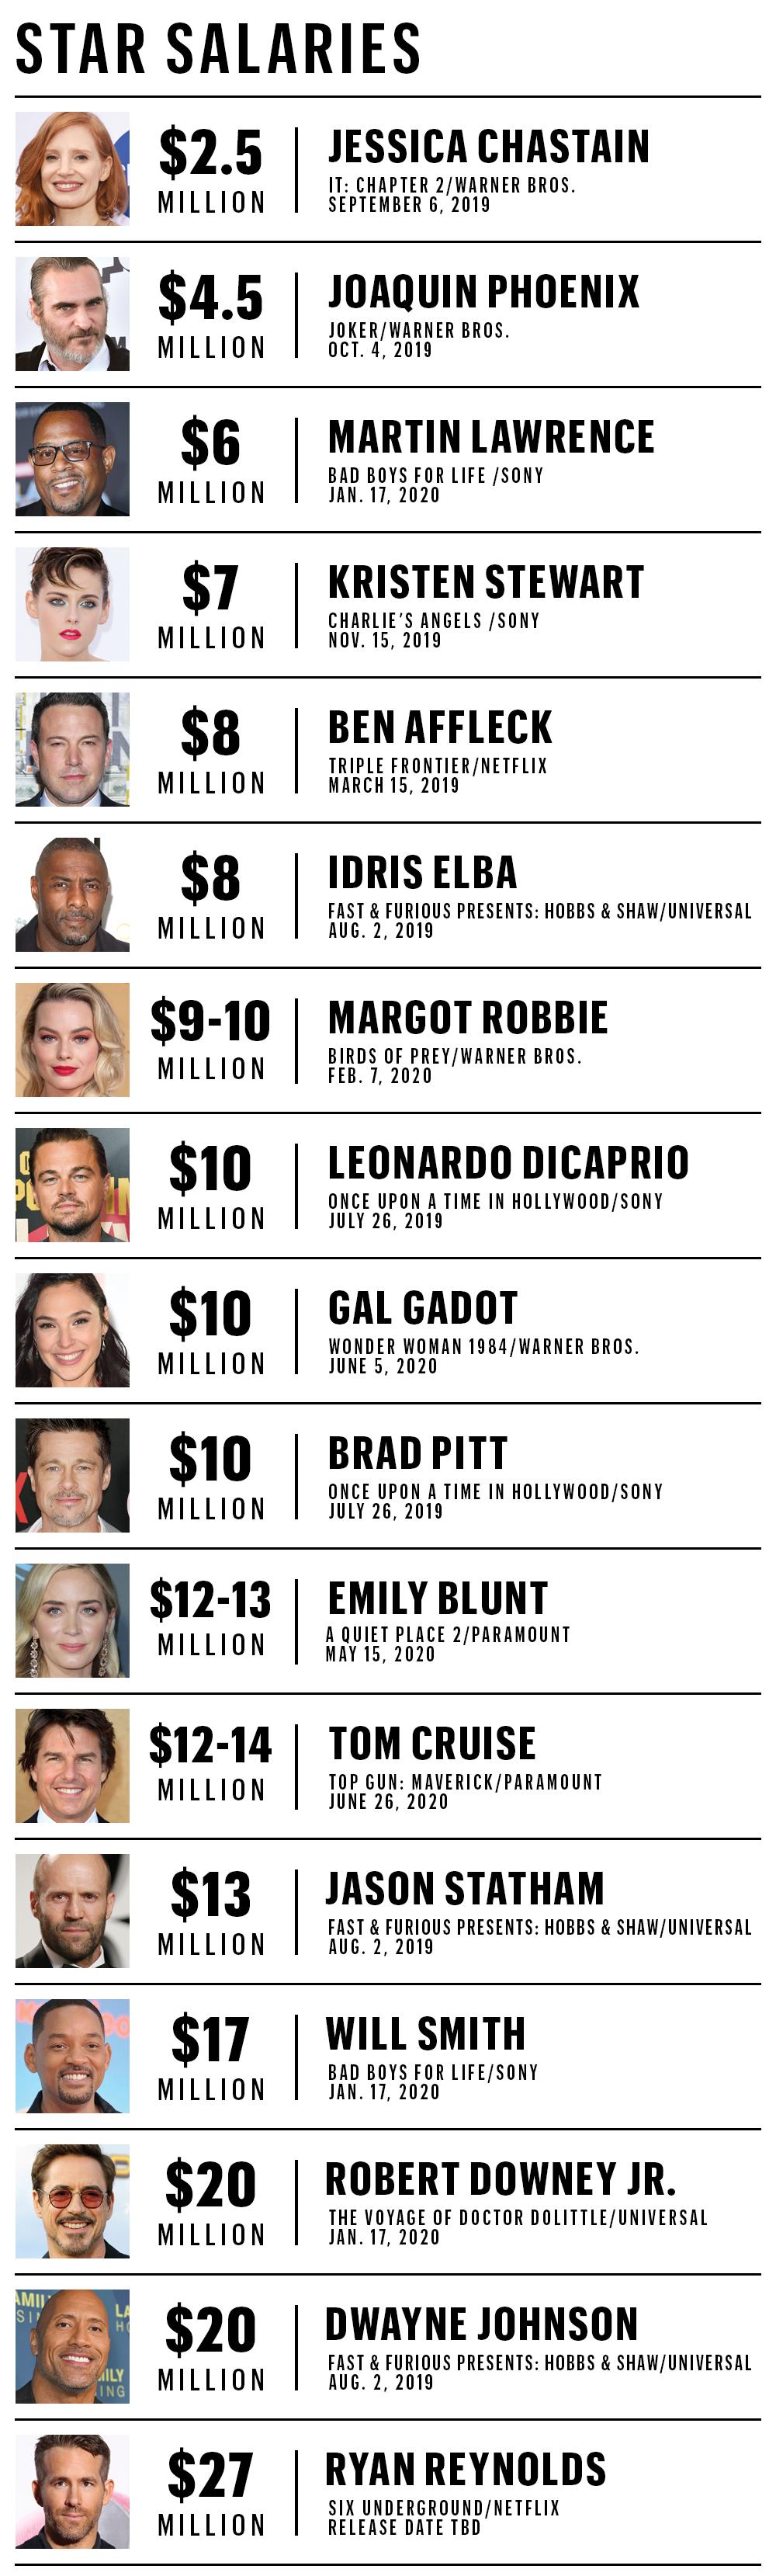 دستمزد تعدادی از بازیگران مشهور هالیوود در سال ۲۰۱۹ مشخص شد